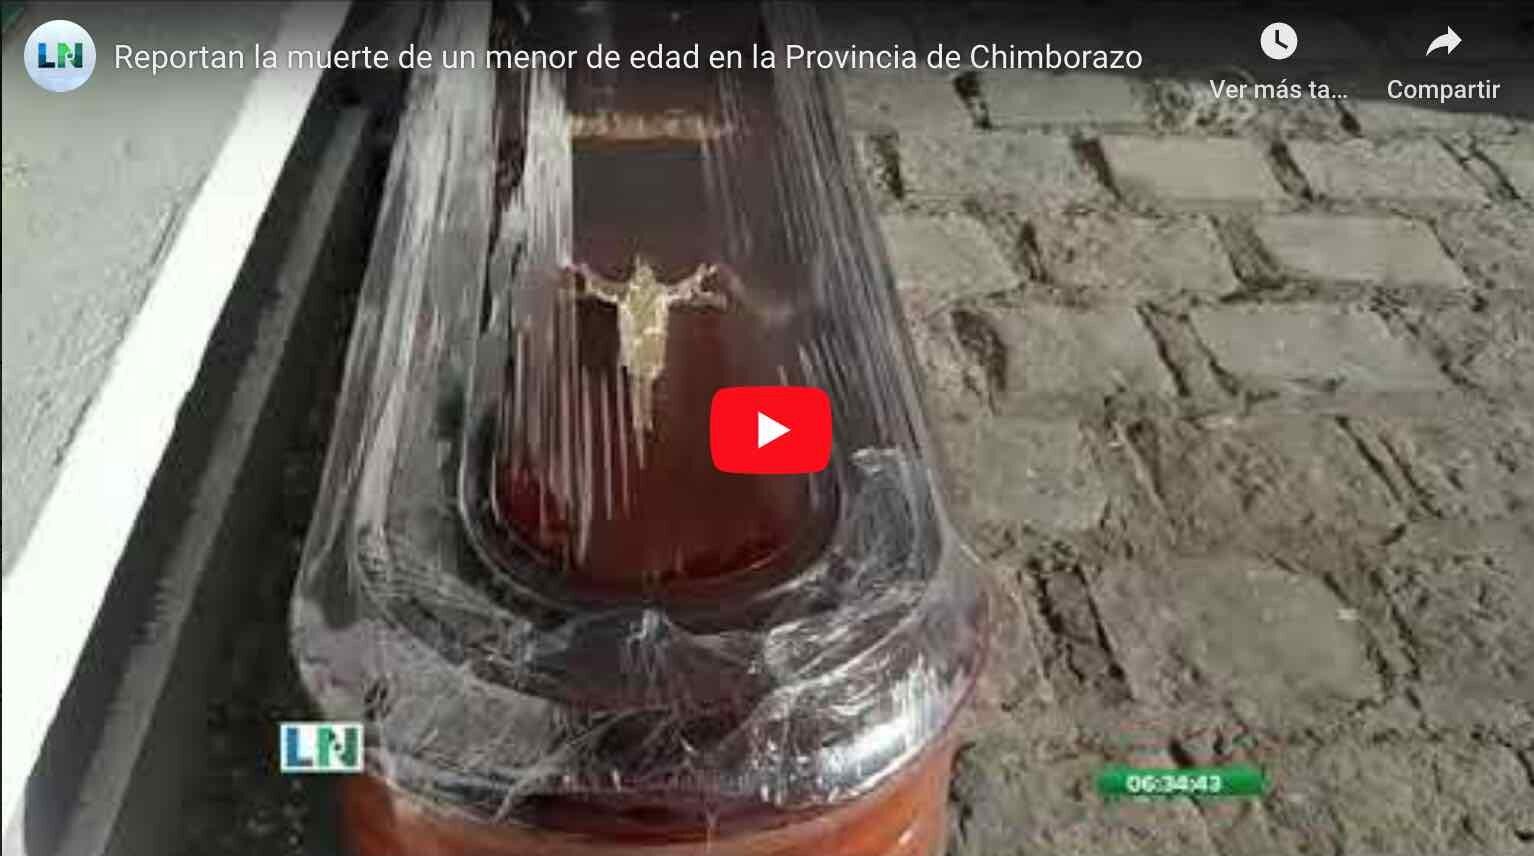 Reportan la muerte de un menor de edad en la Provincia de Chimborazo